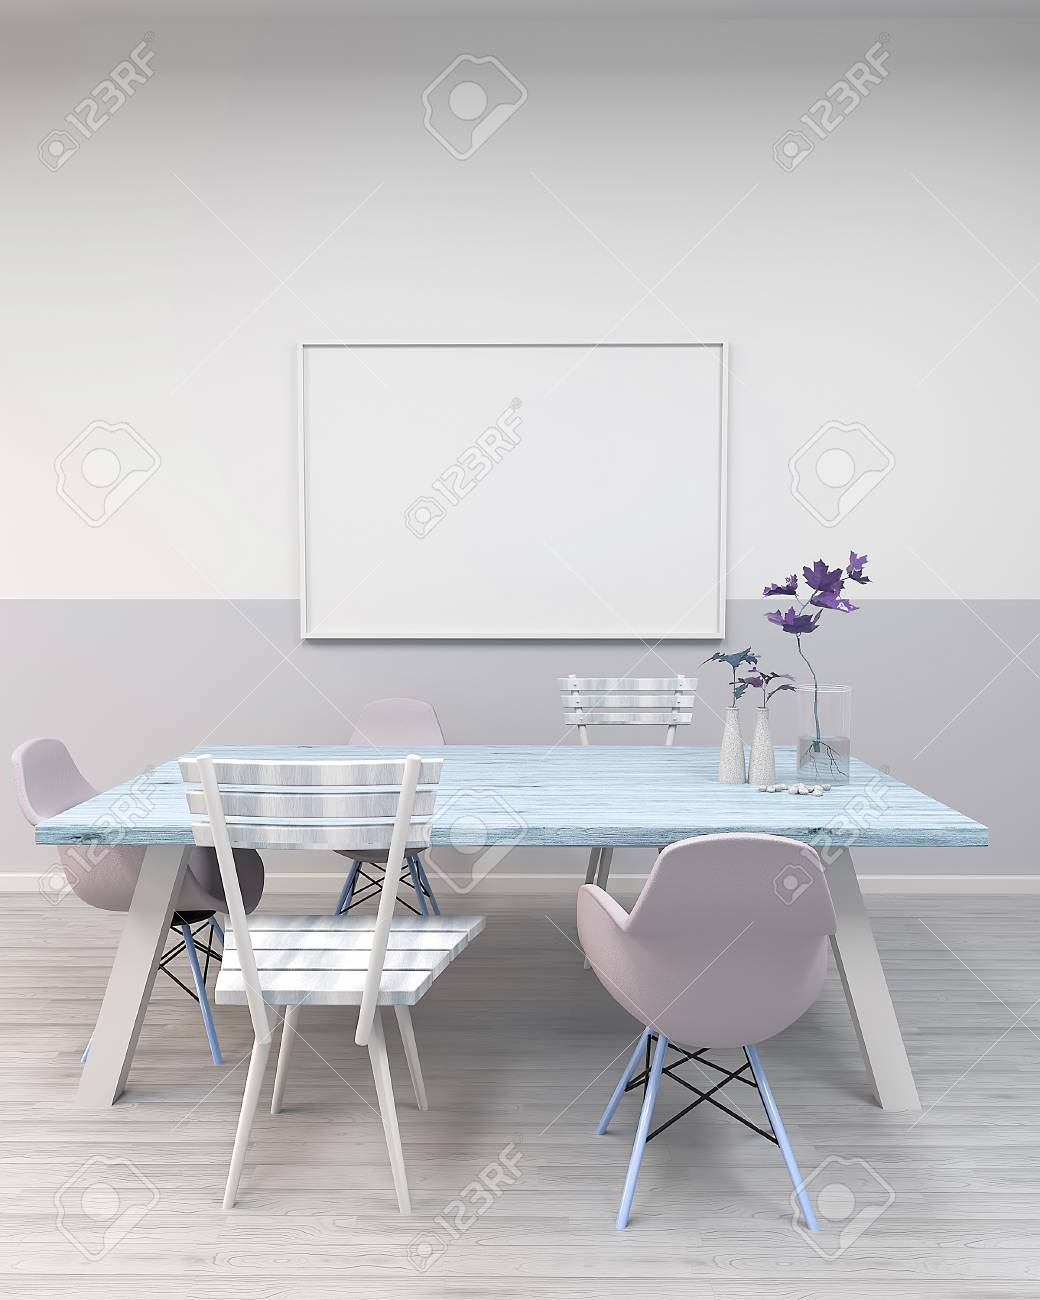 Maquette Encadree Affiche Table Et Chaises Dans Une Chambre Avec